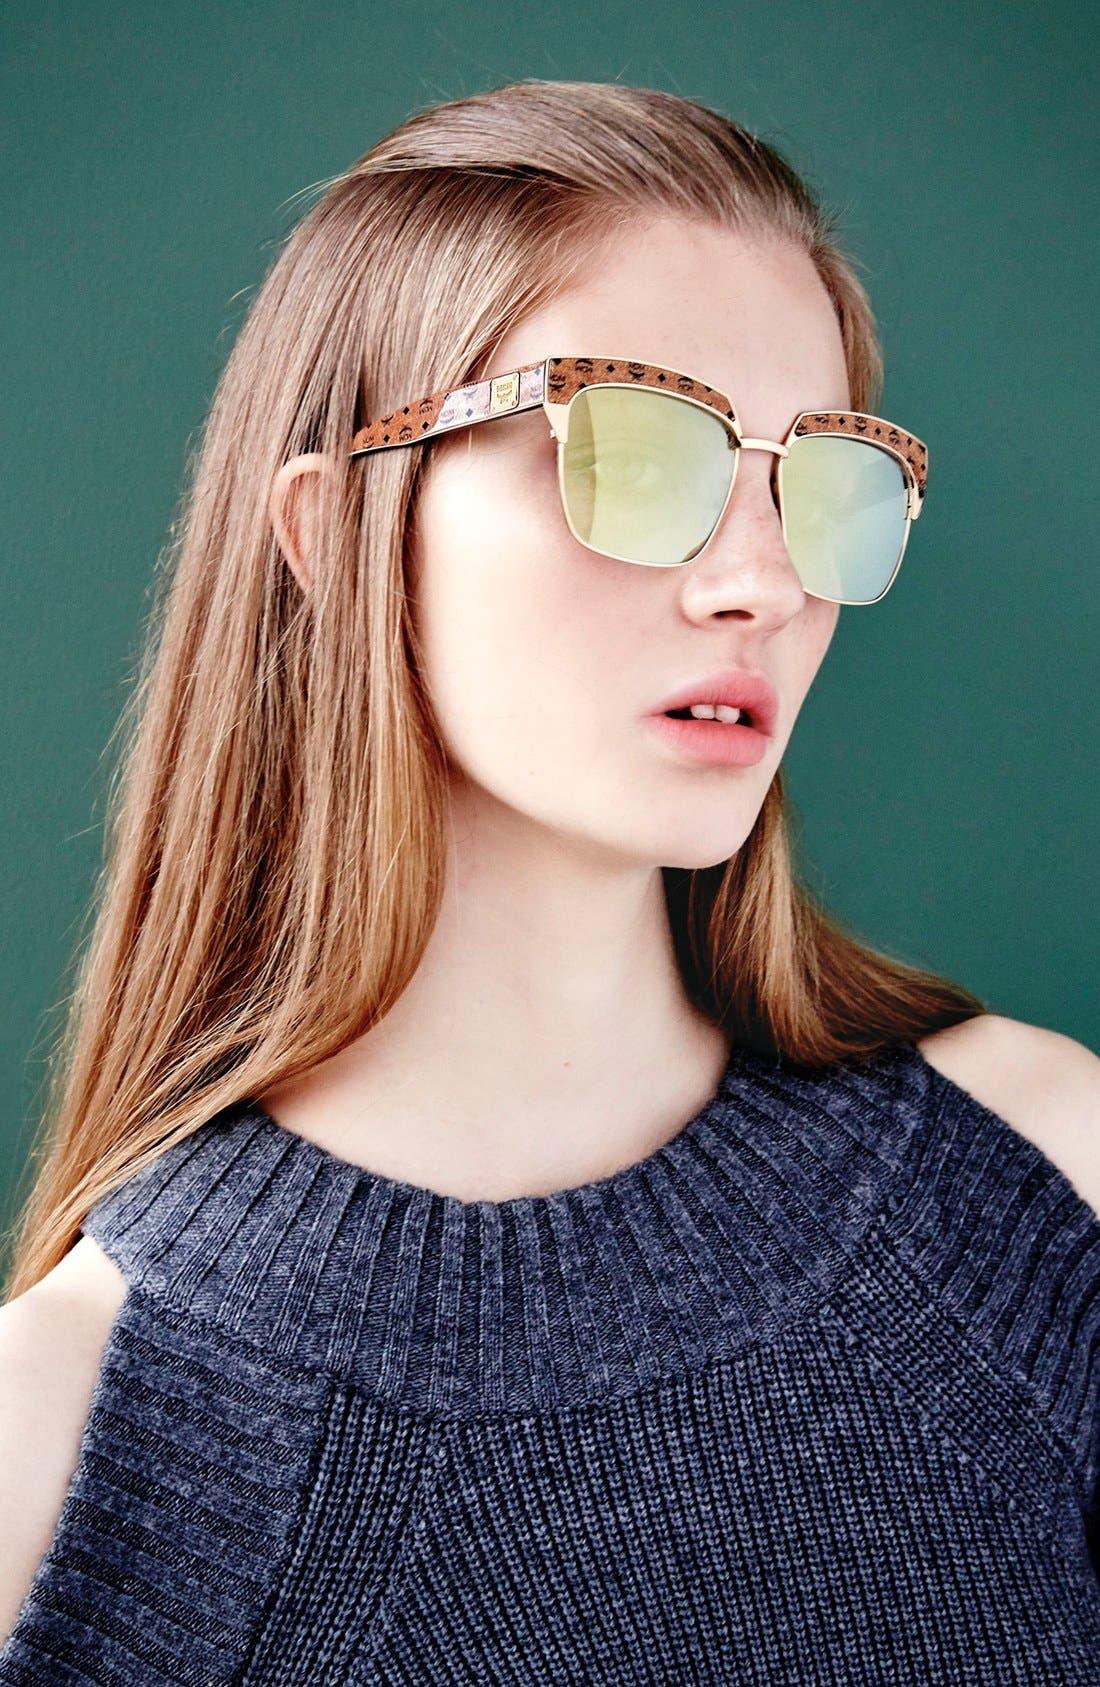 'Visetos' 56mm Retro Sunglasses,                             Alternate thumbnail 3, color,                             005